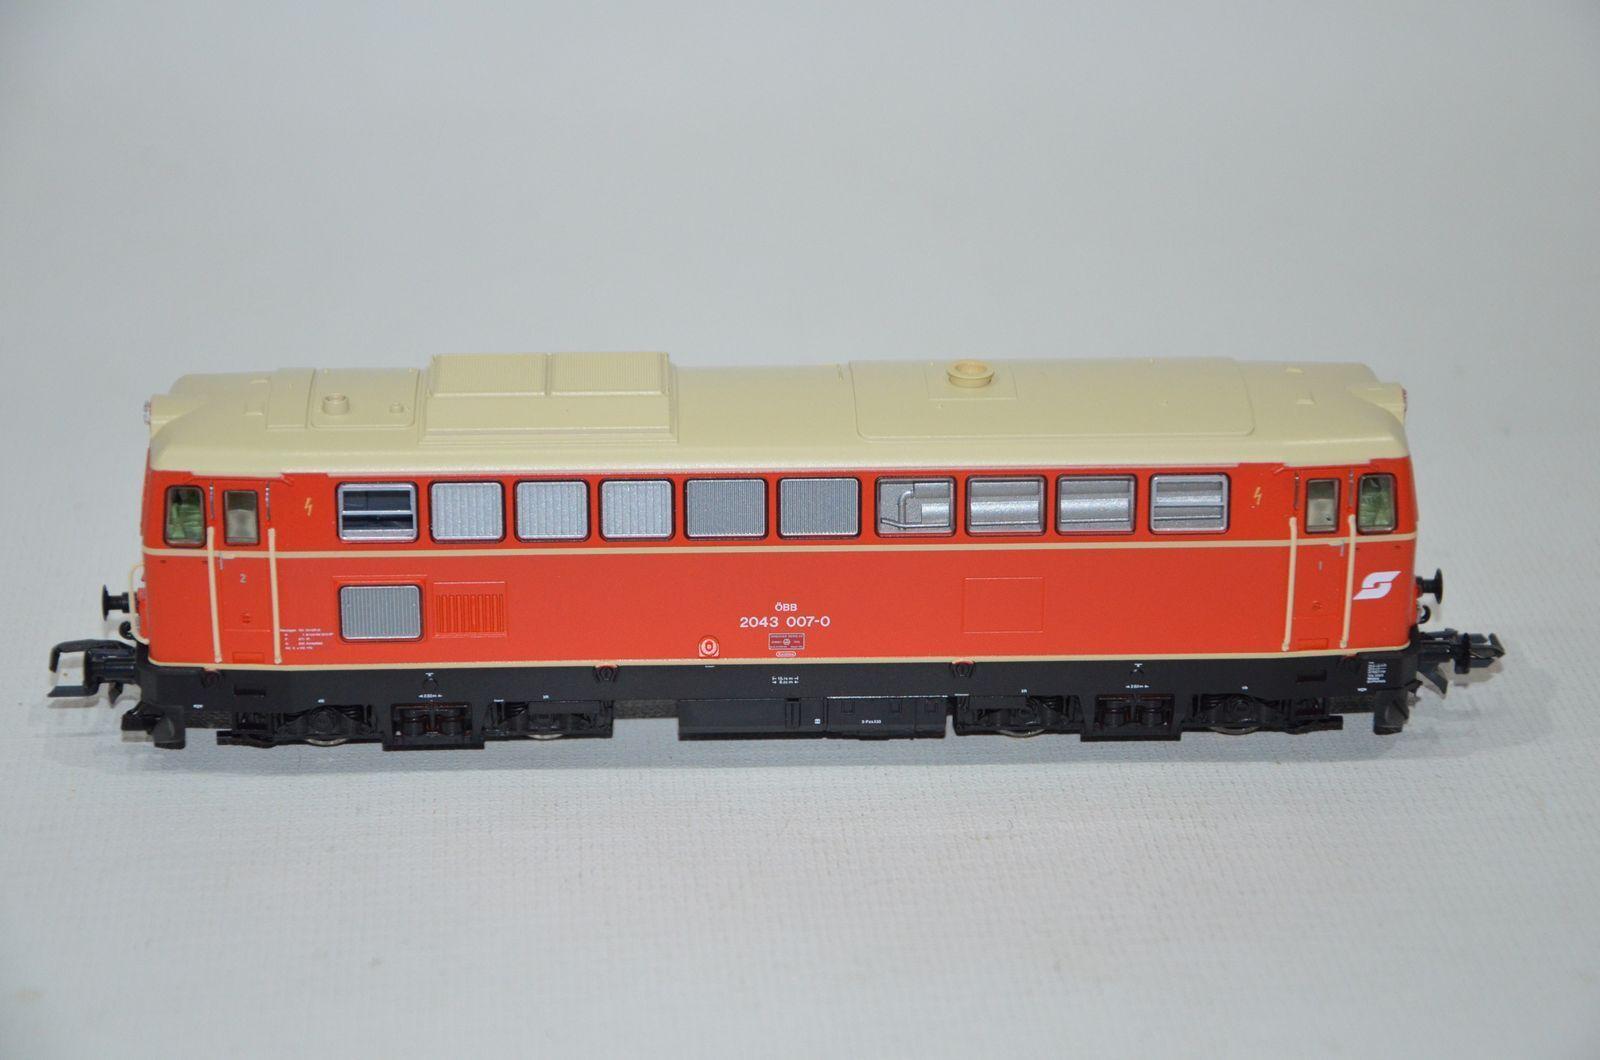 Roco 63906 63906 63906 Diesellok der ÖBB - Roco Lok  für die H0 Spur   OVP  | Neuankömmling  013c49